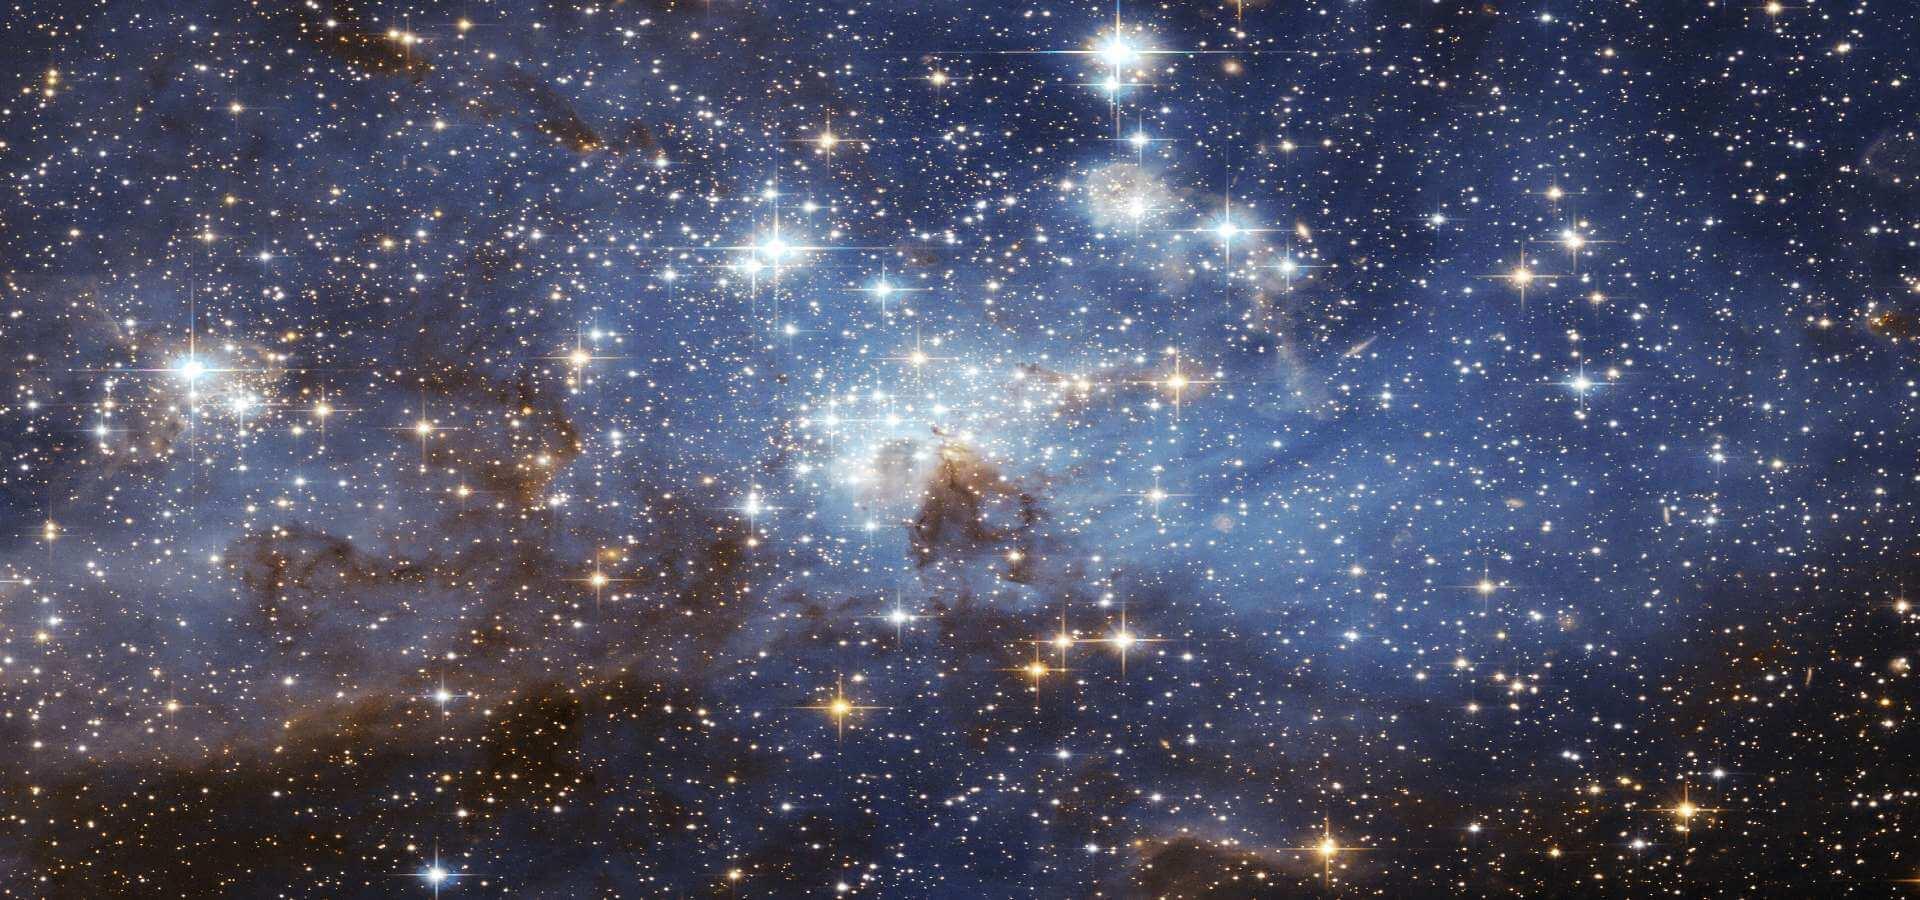 دلیل چشمک زدن ستاره ها چیست؟